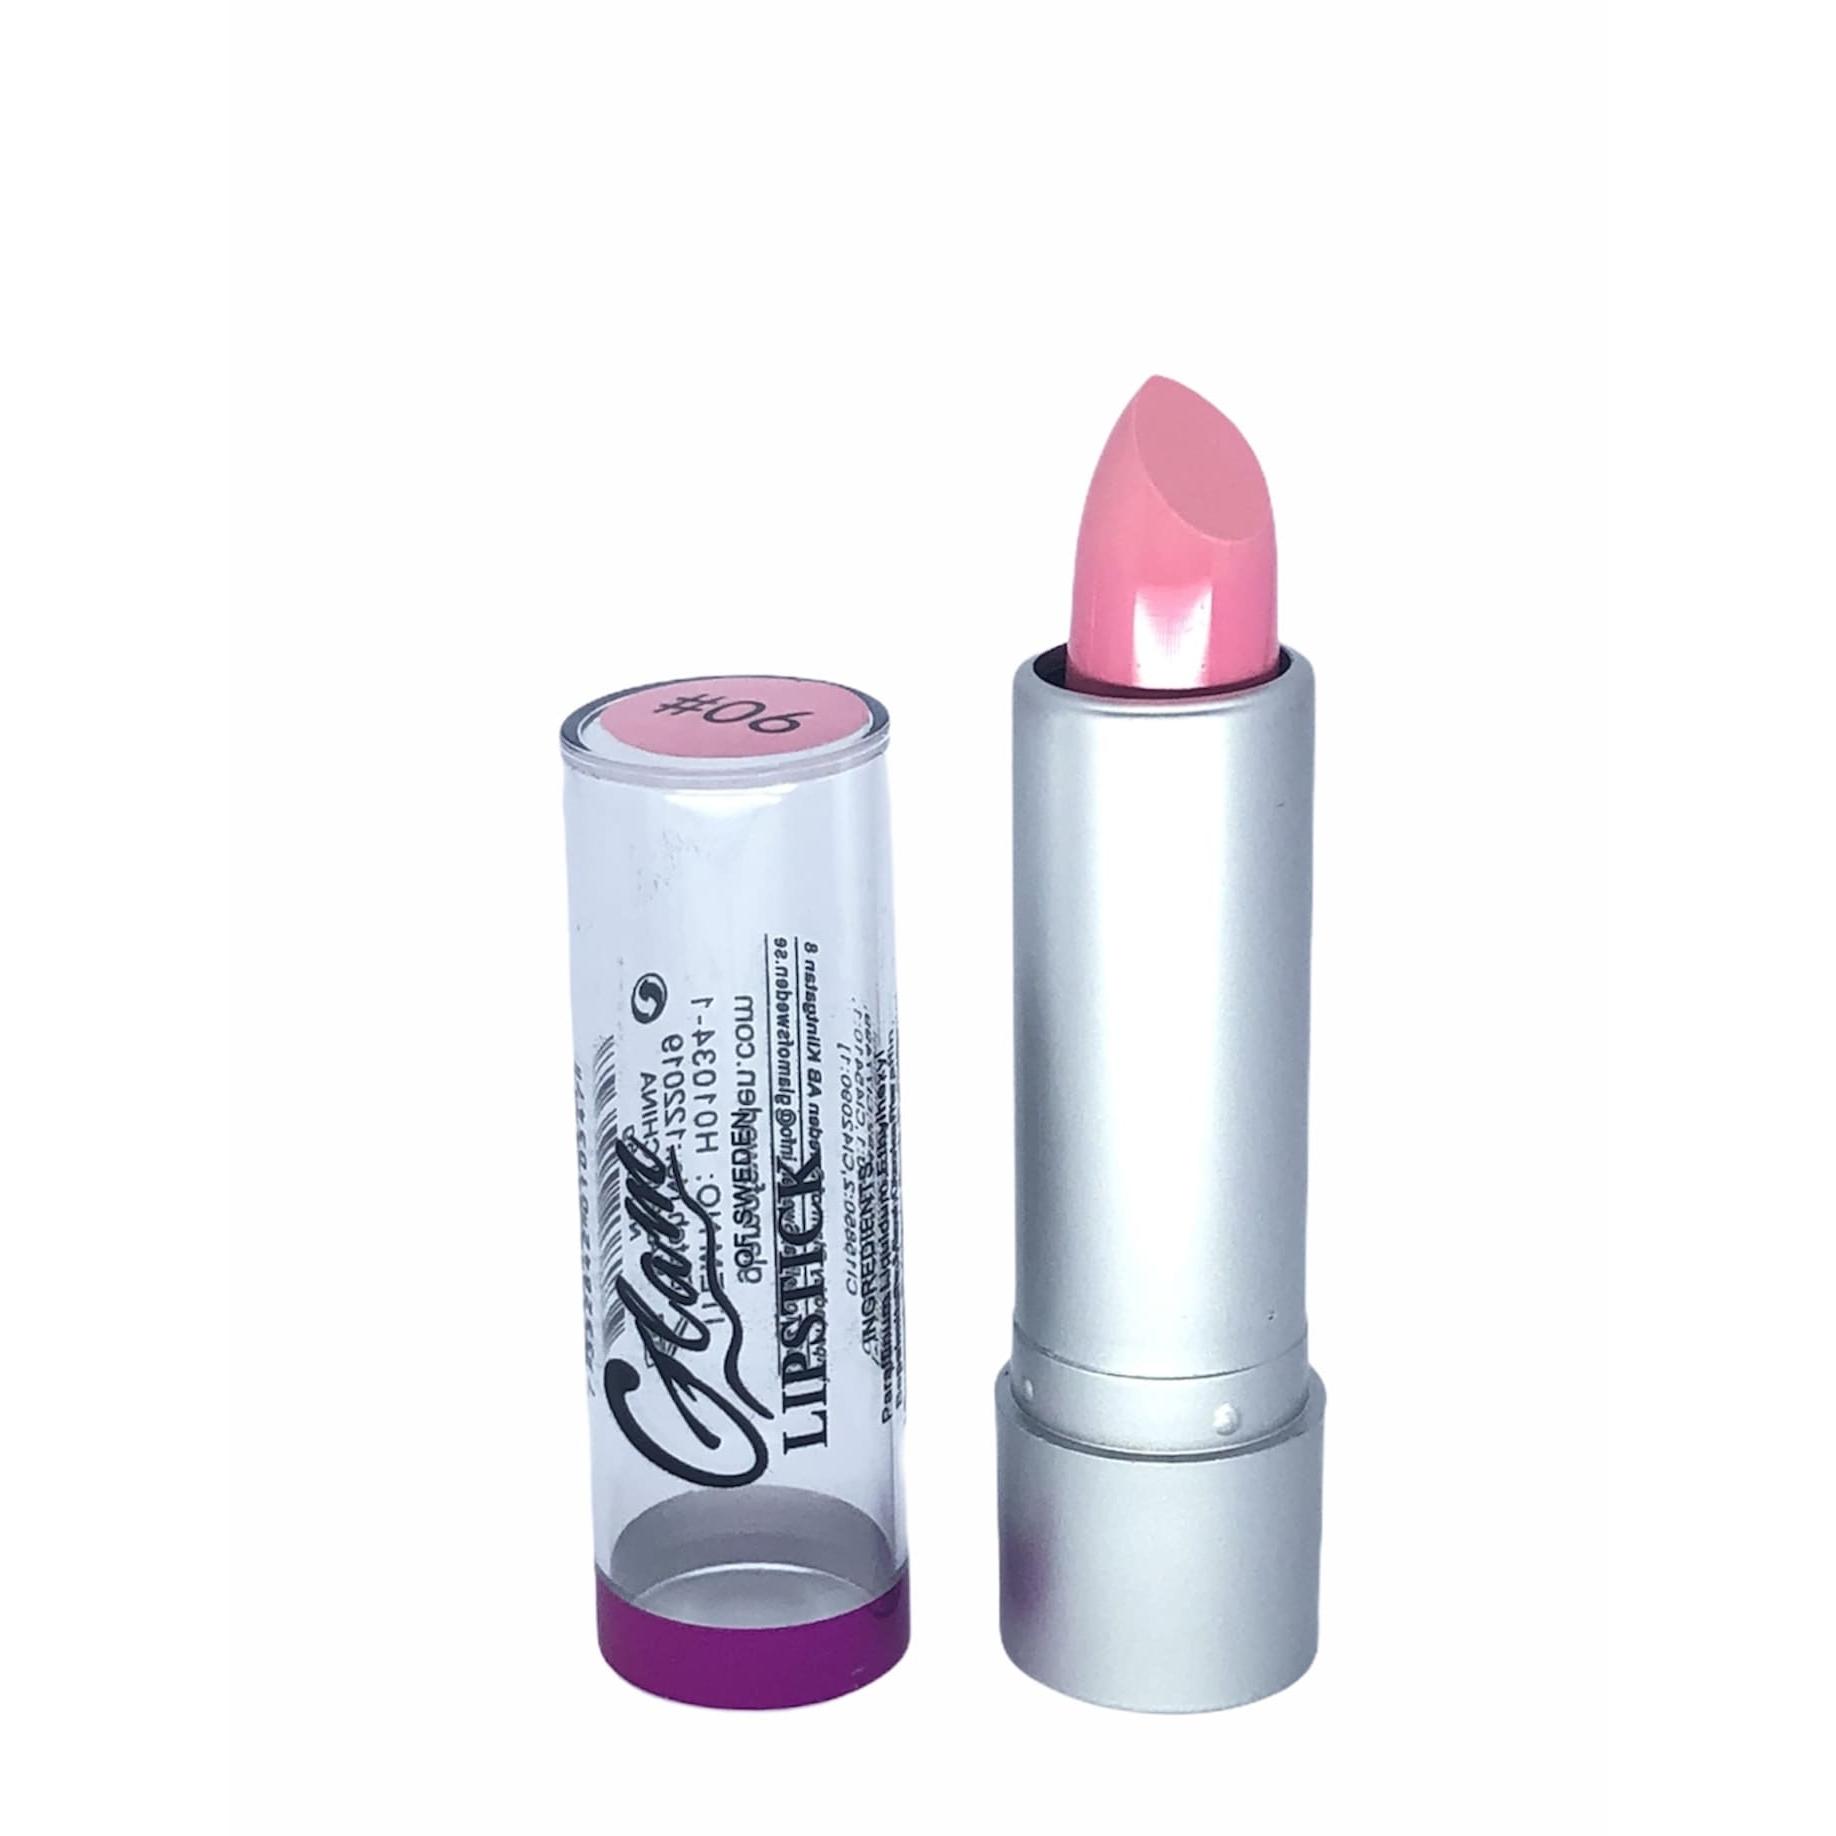 Glam Läppstift Silver 90 Perfect Pink 3,8 gr